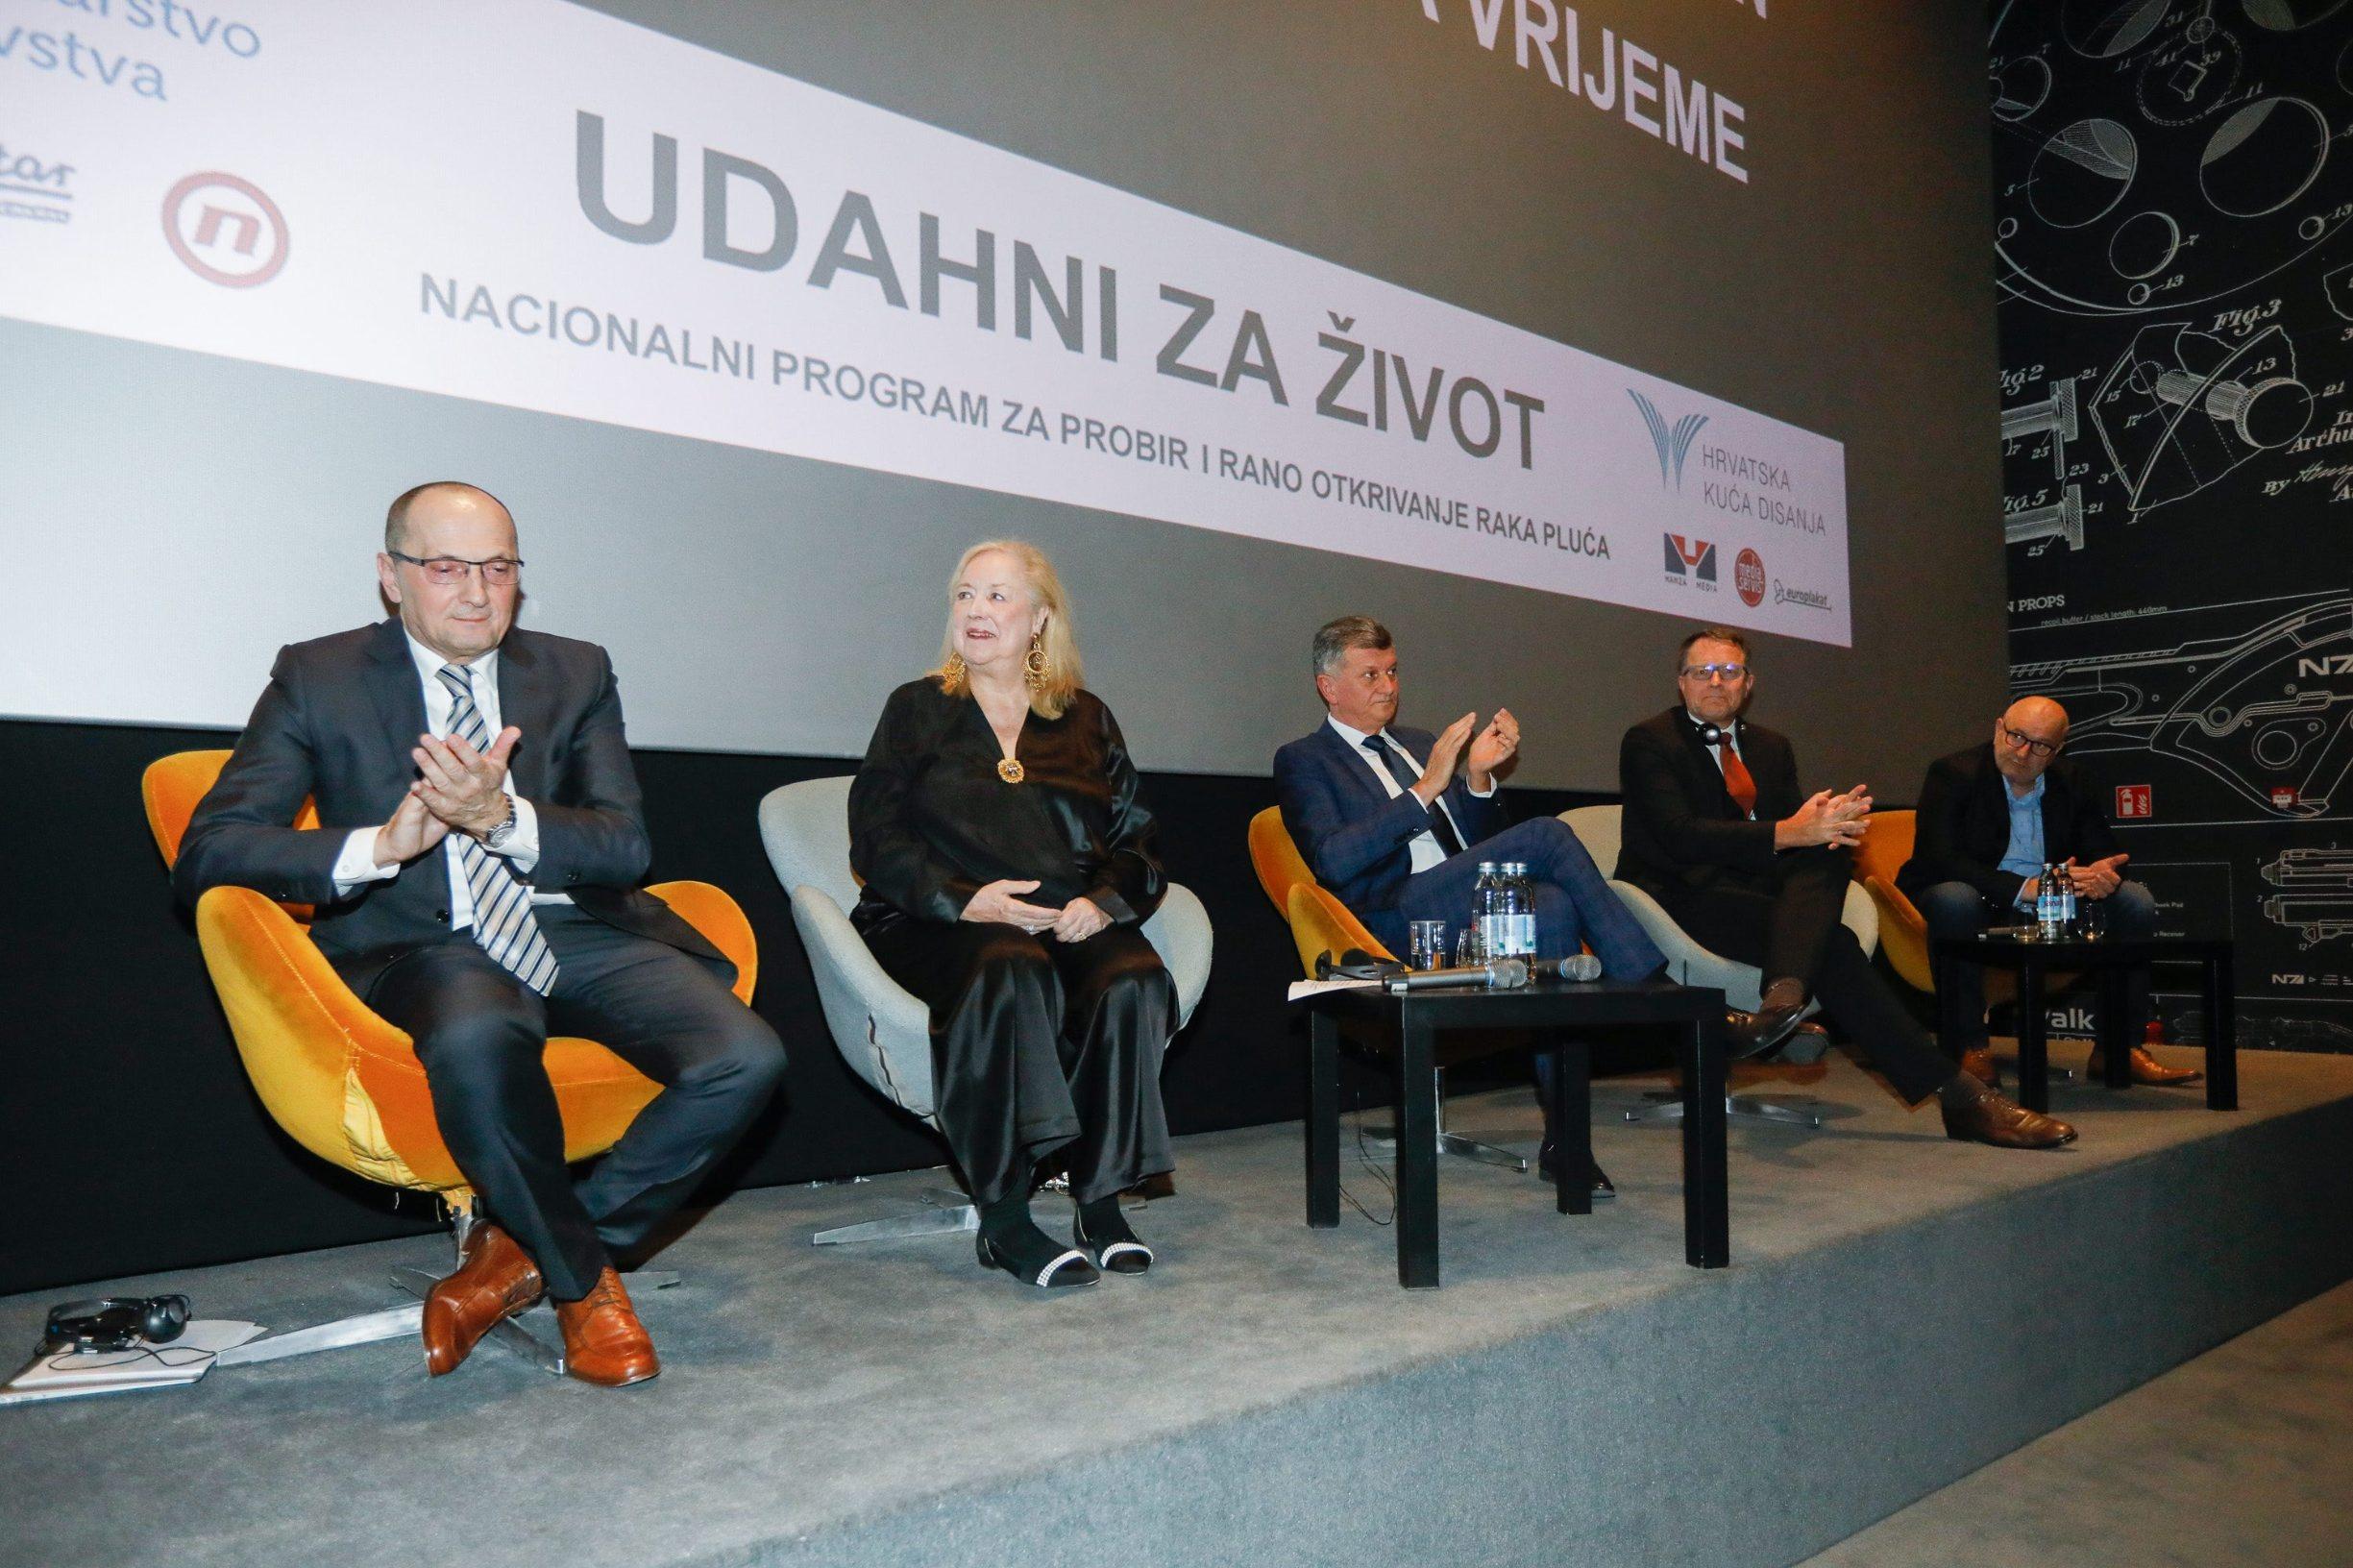 Željko Samaržija, Claudia Henschke, Milan Kujundžić, Hans Urlich Kauczor, Dejan Aćimović